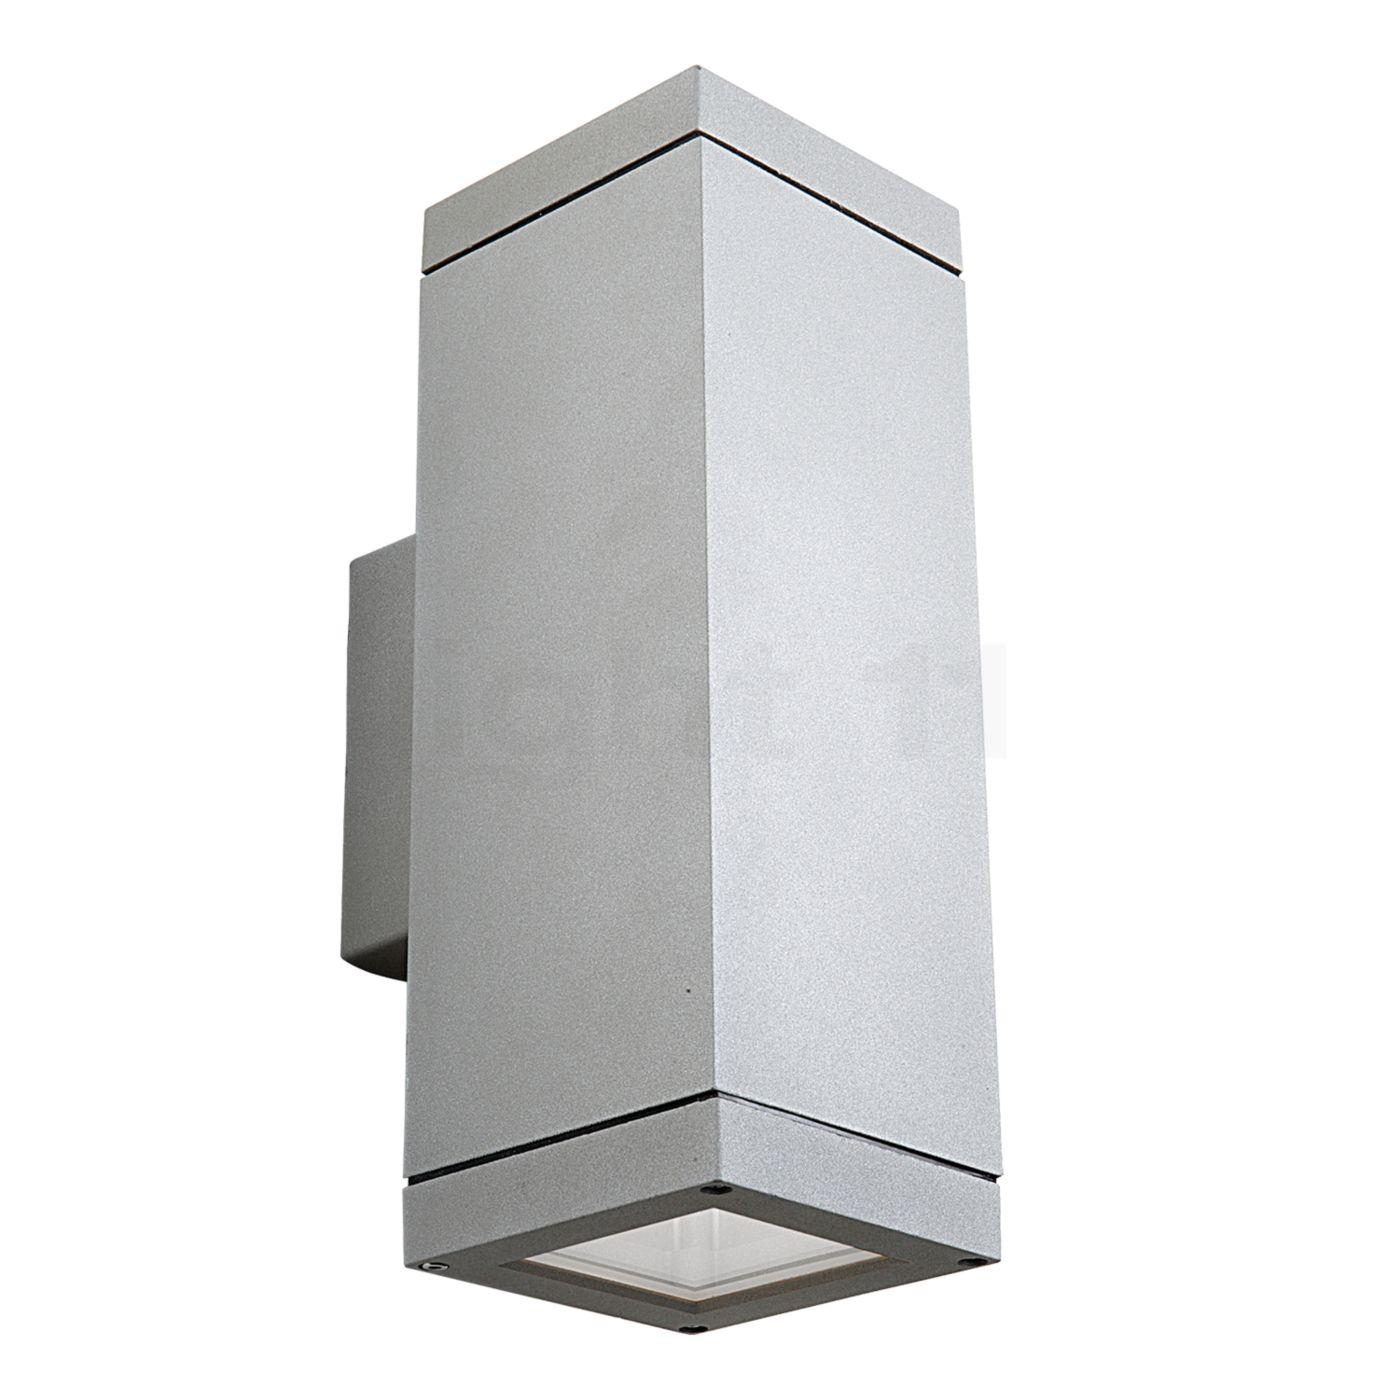 up down wall light decorative external wall buy ledsc4 afrodita par30 updown wall light at